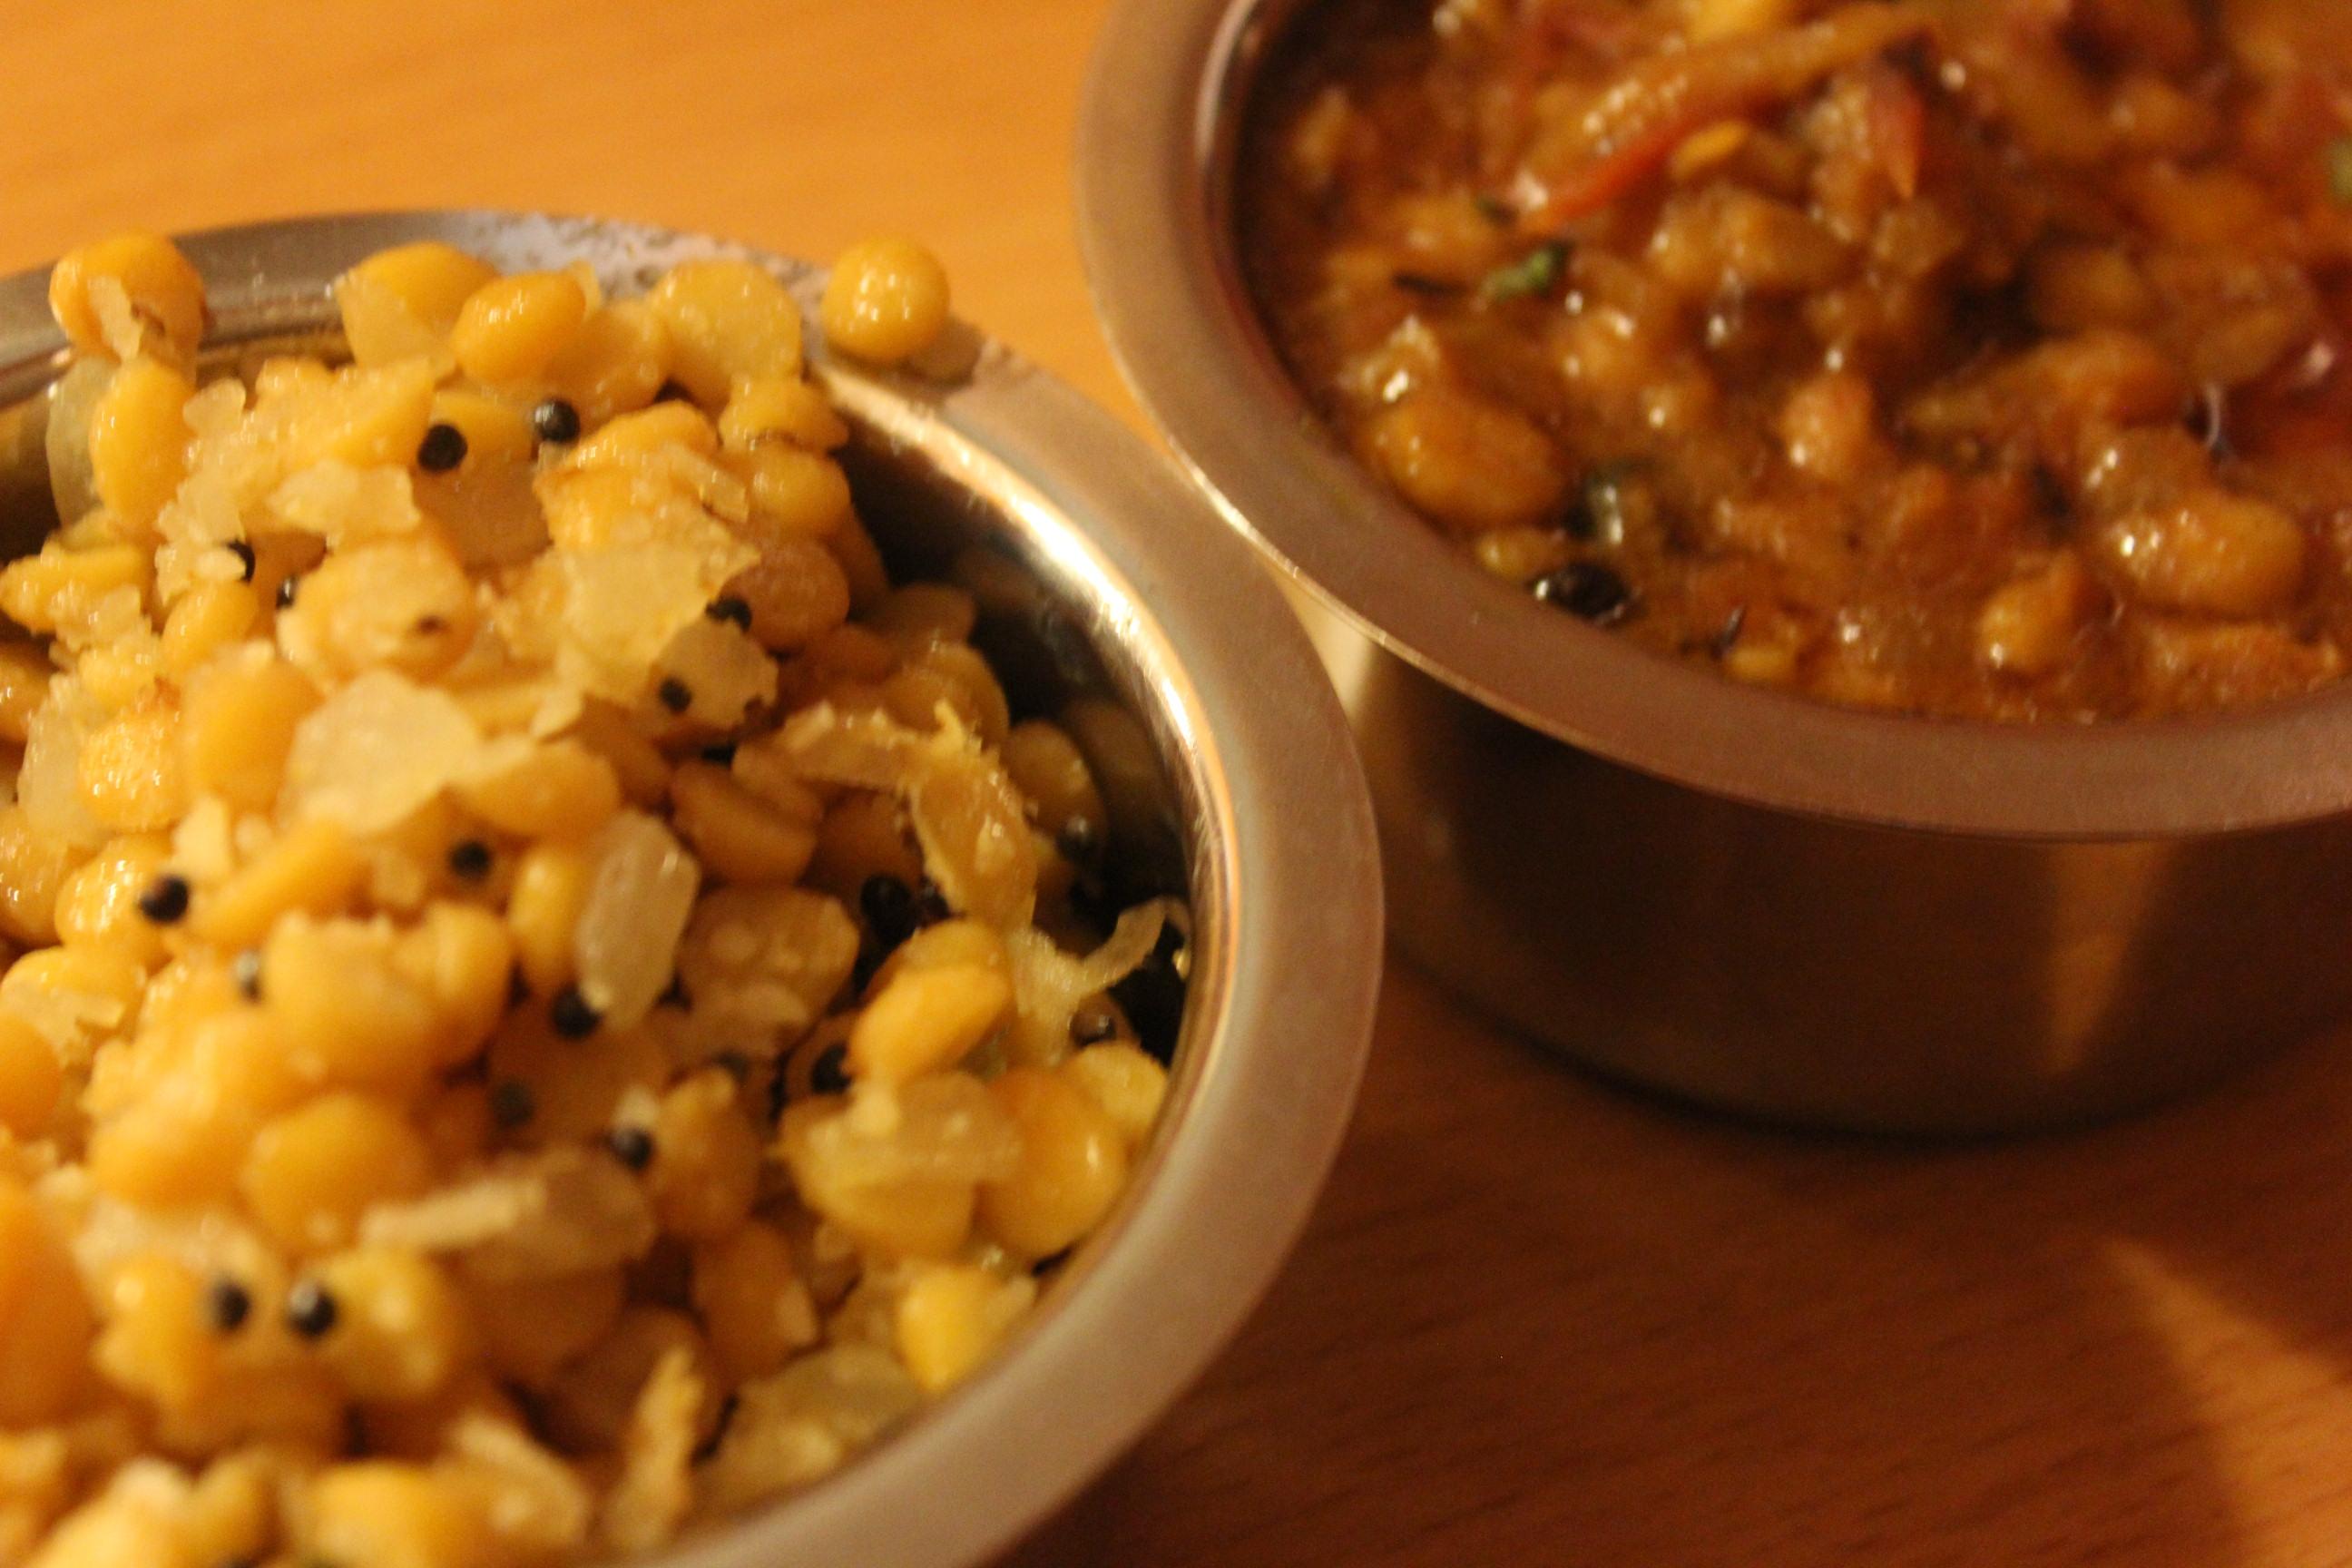 4種類のダルを煮て食べて最適解を探るコラム